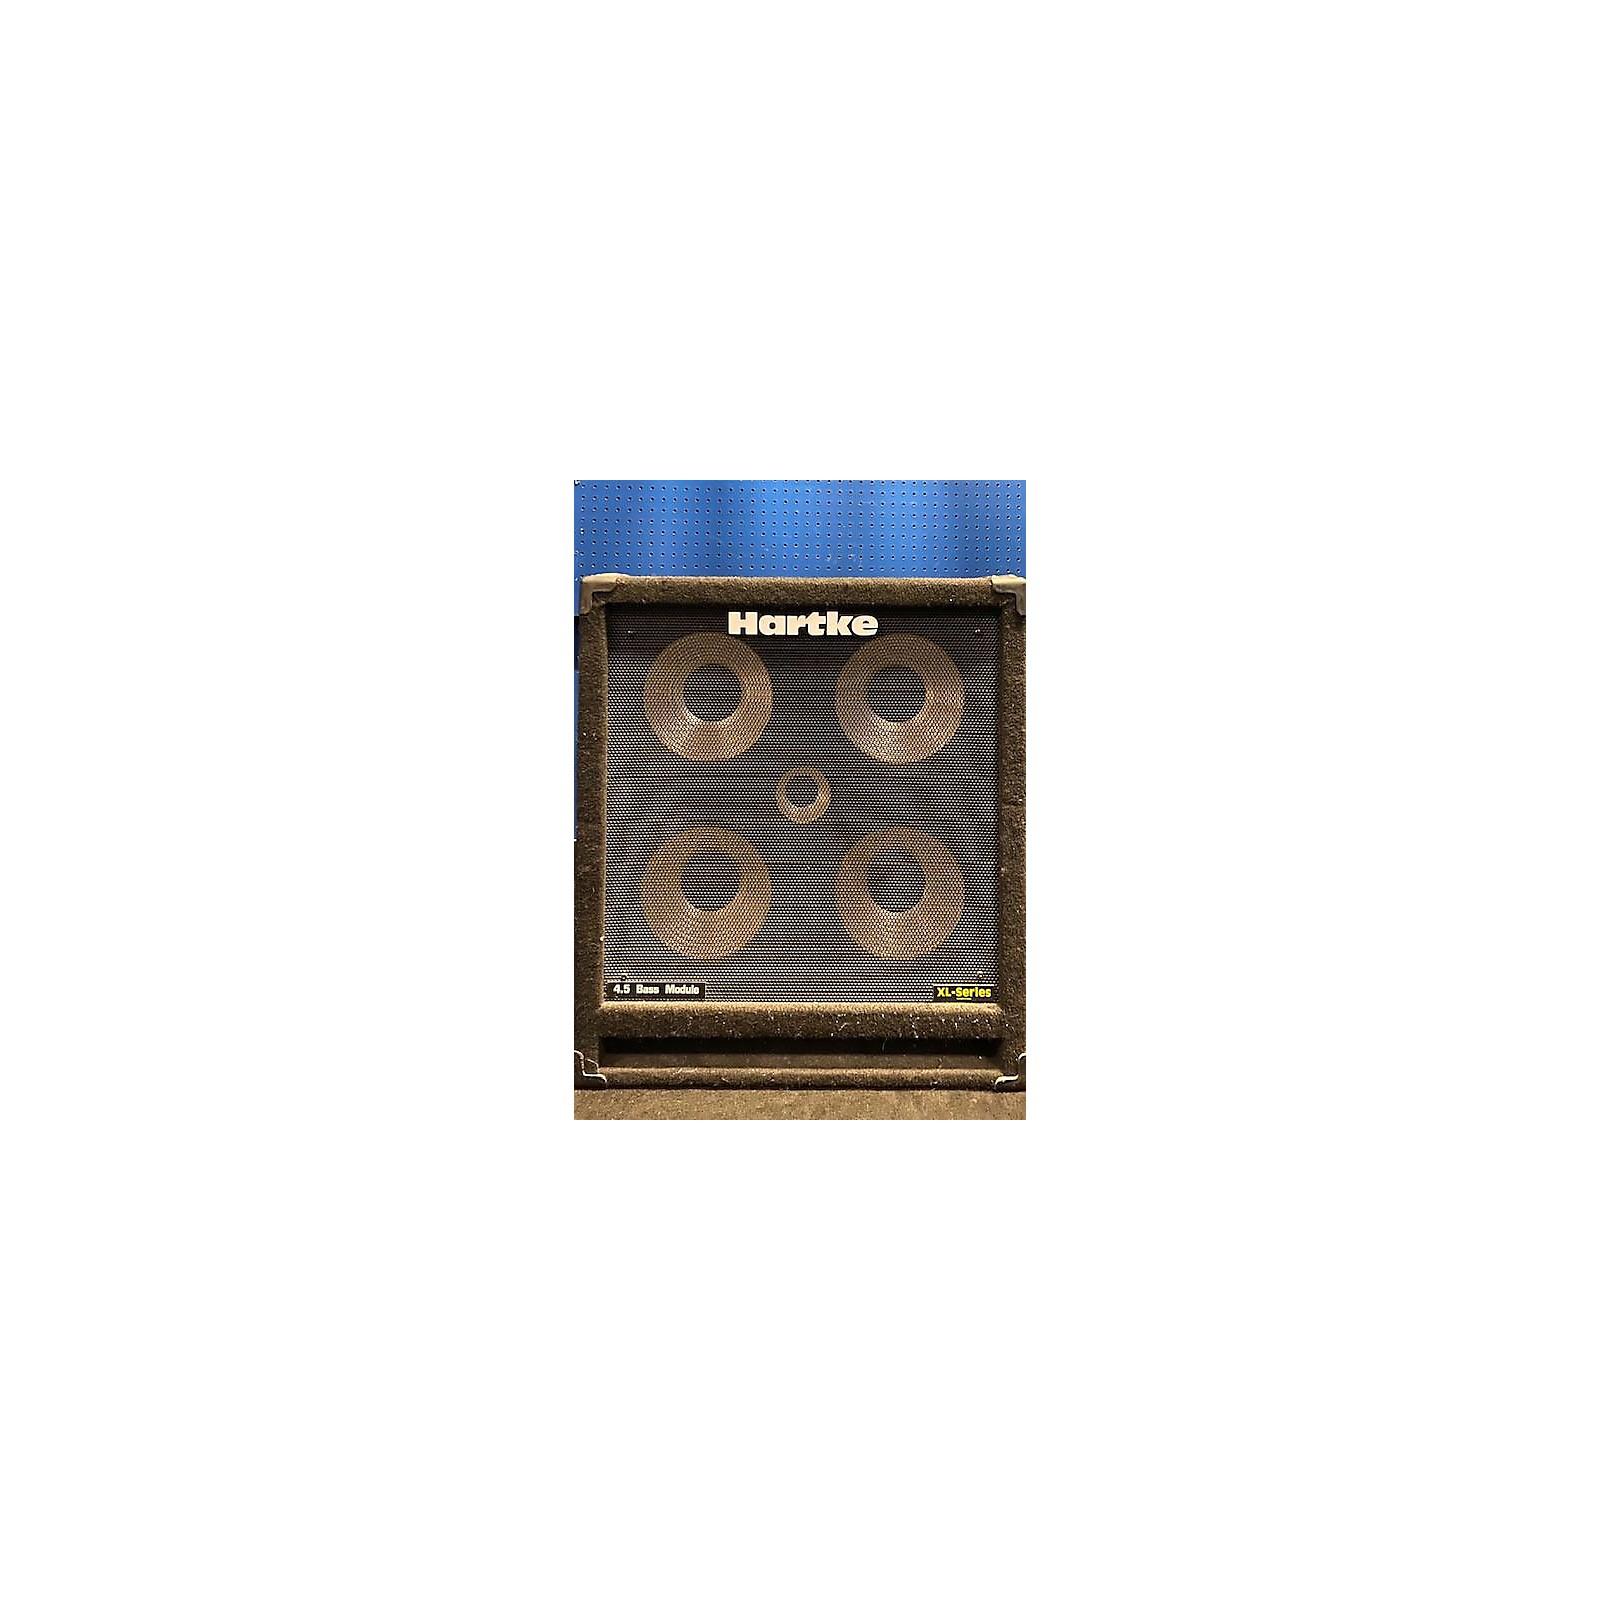 Hartke XL 4.5 Bass Cabinet